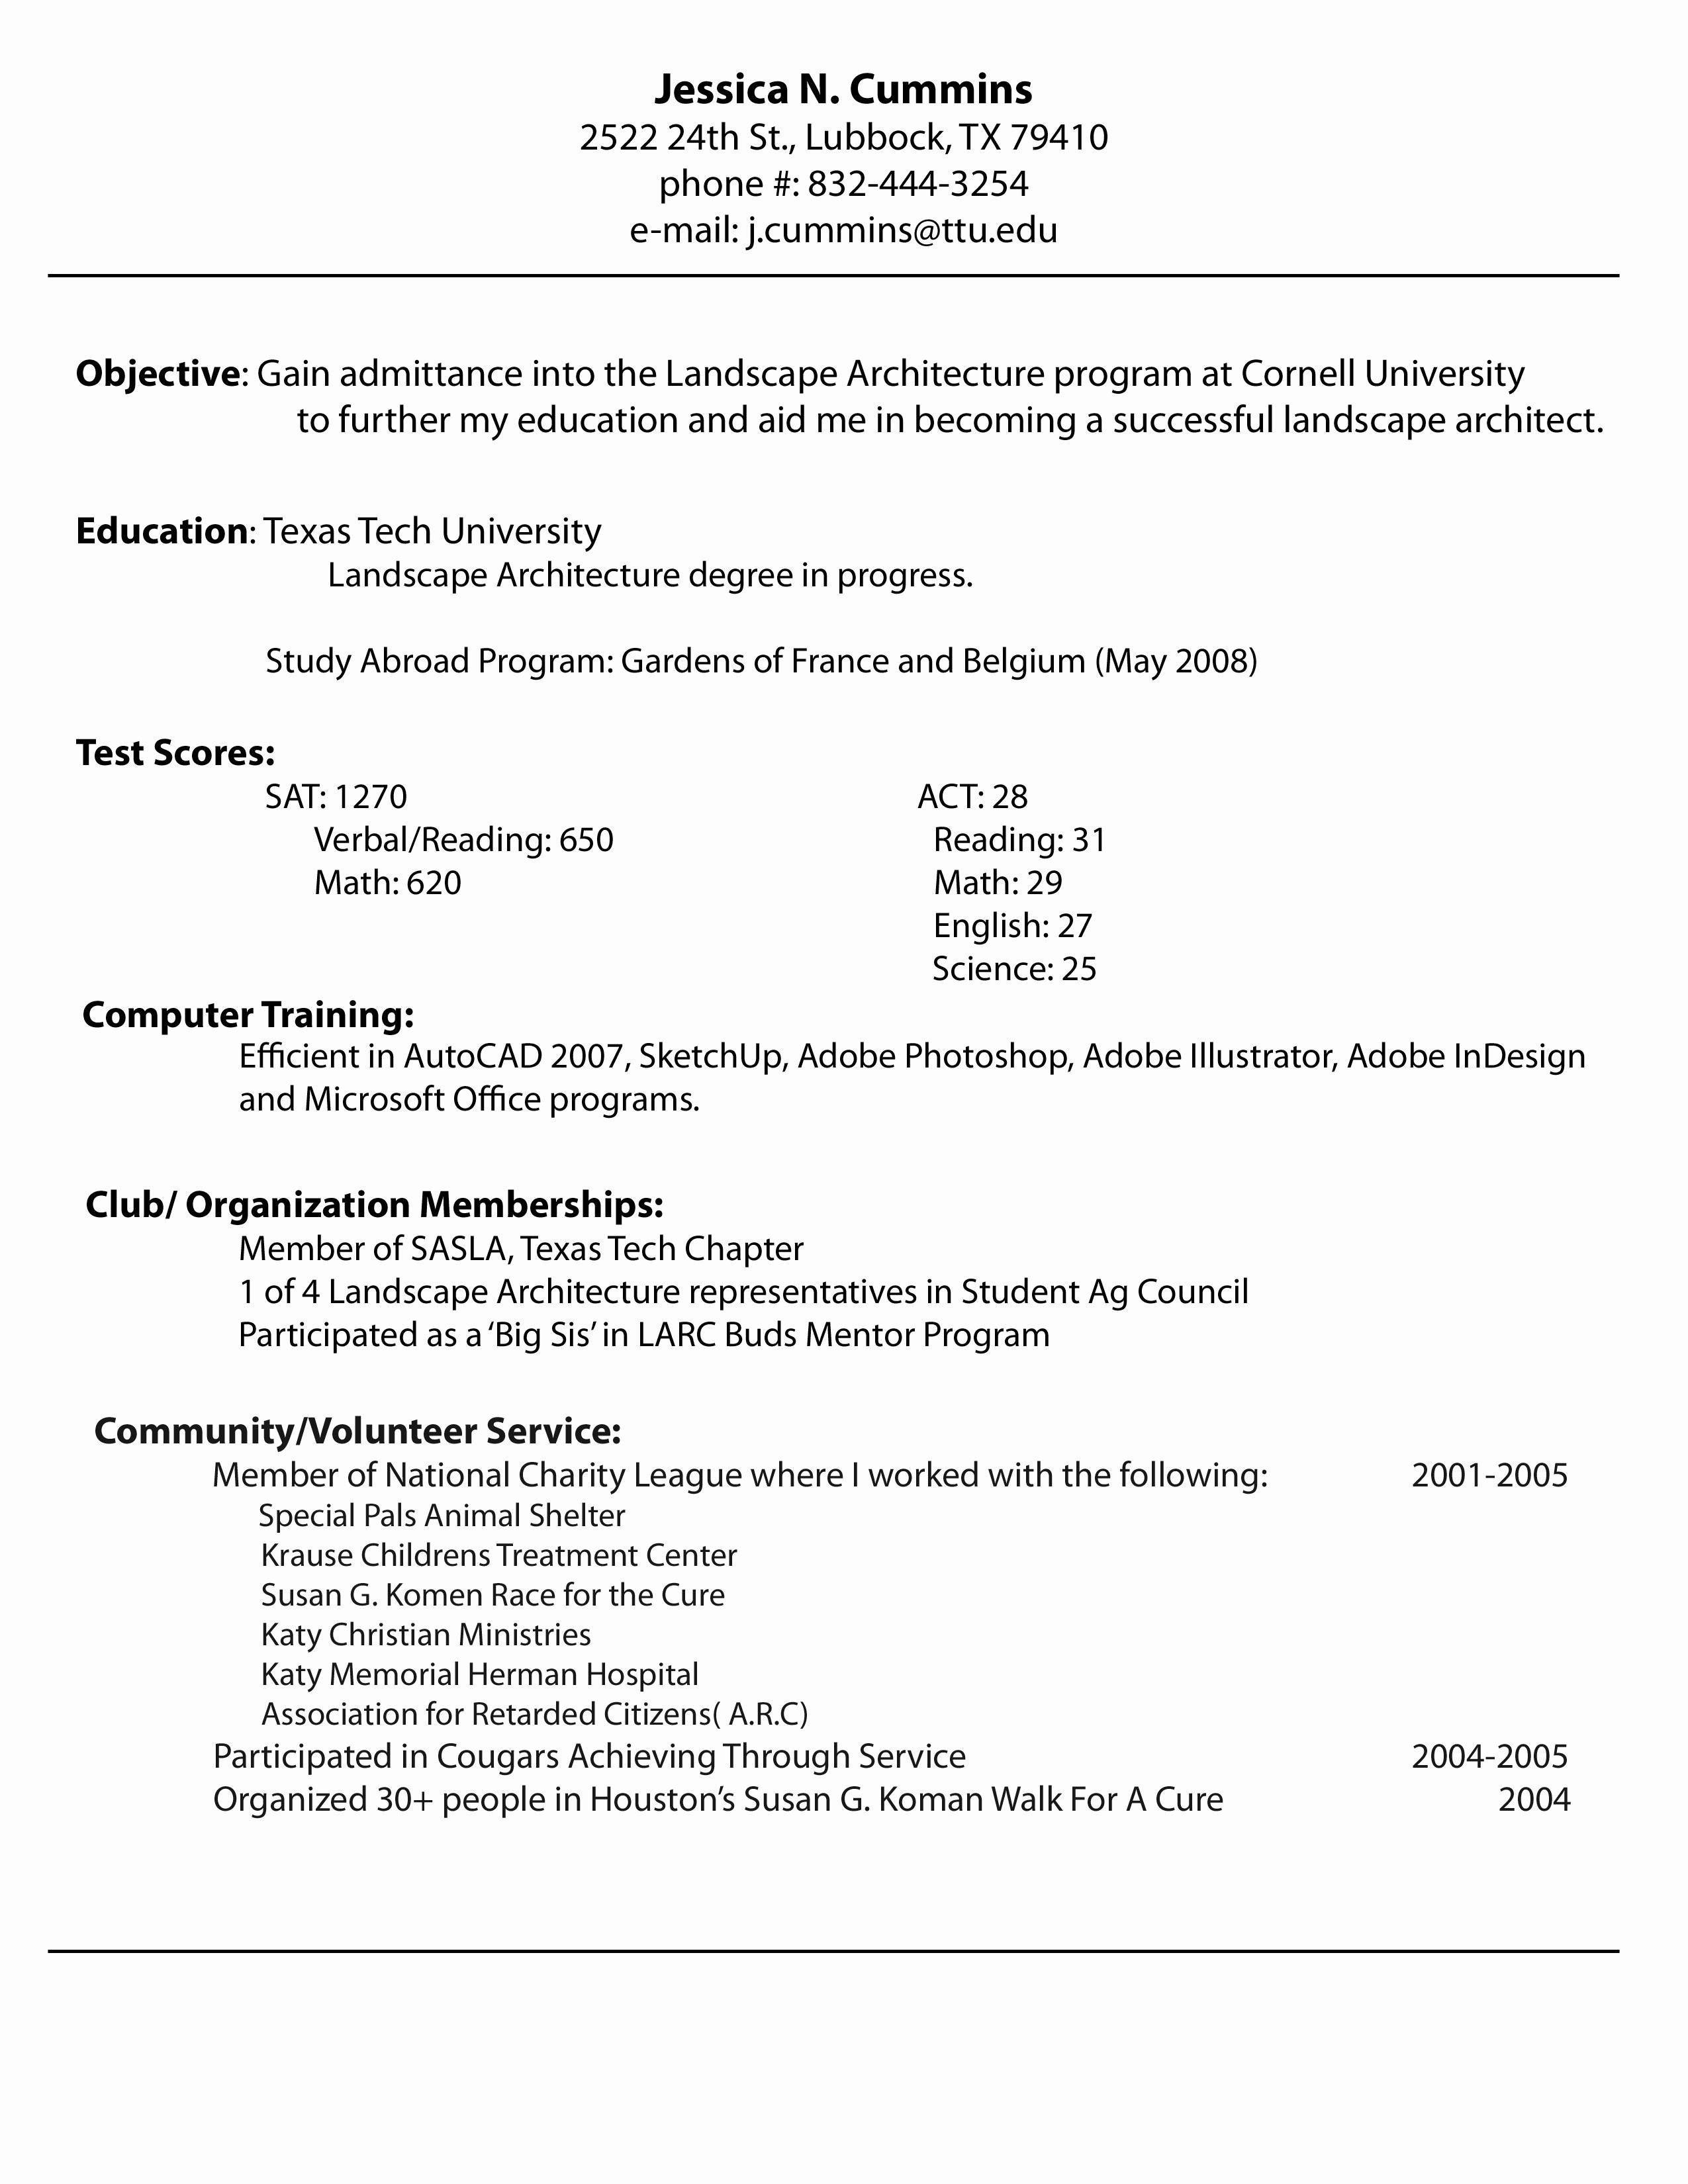 Sample Resume Xls Format Cover letter for resume